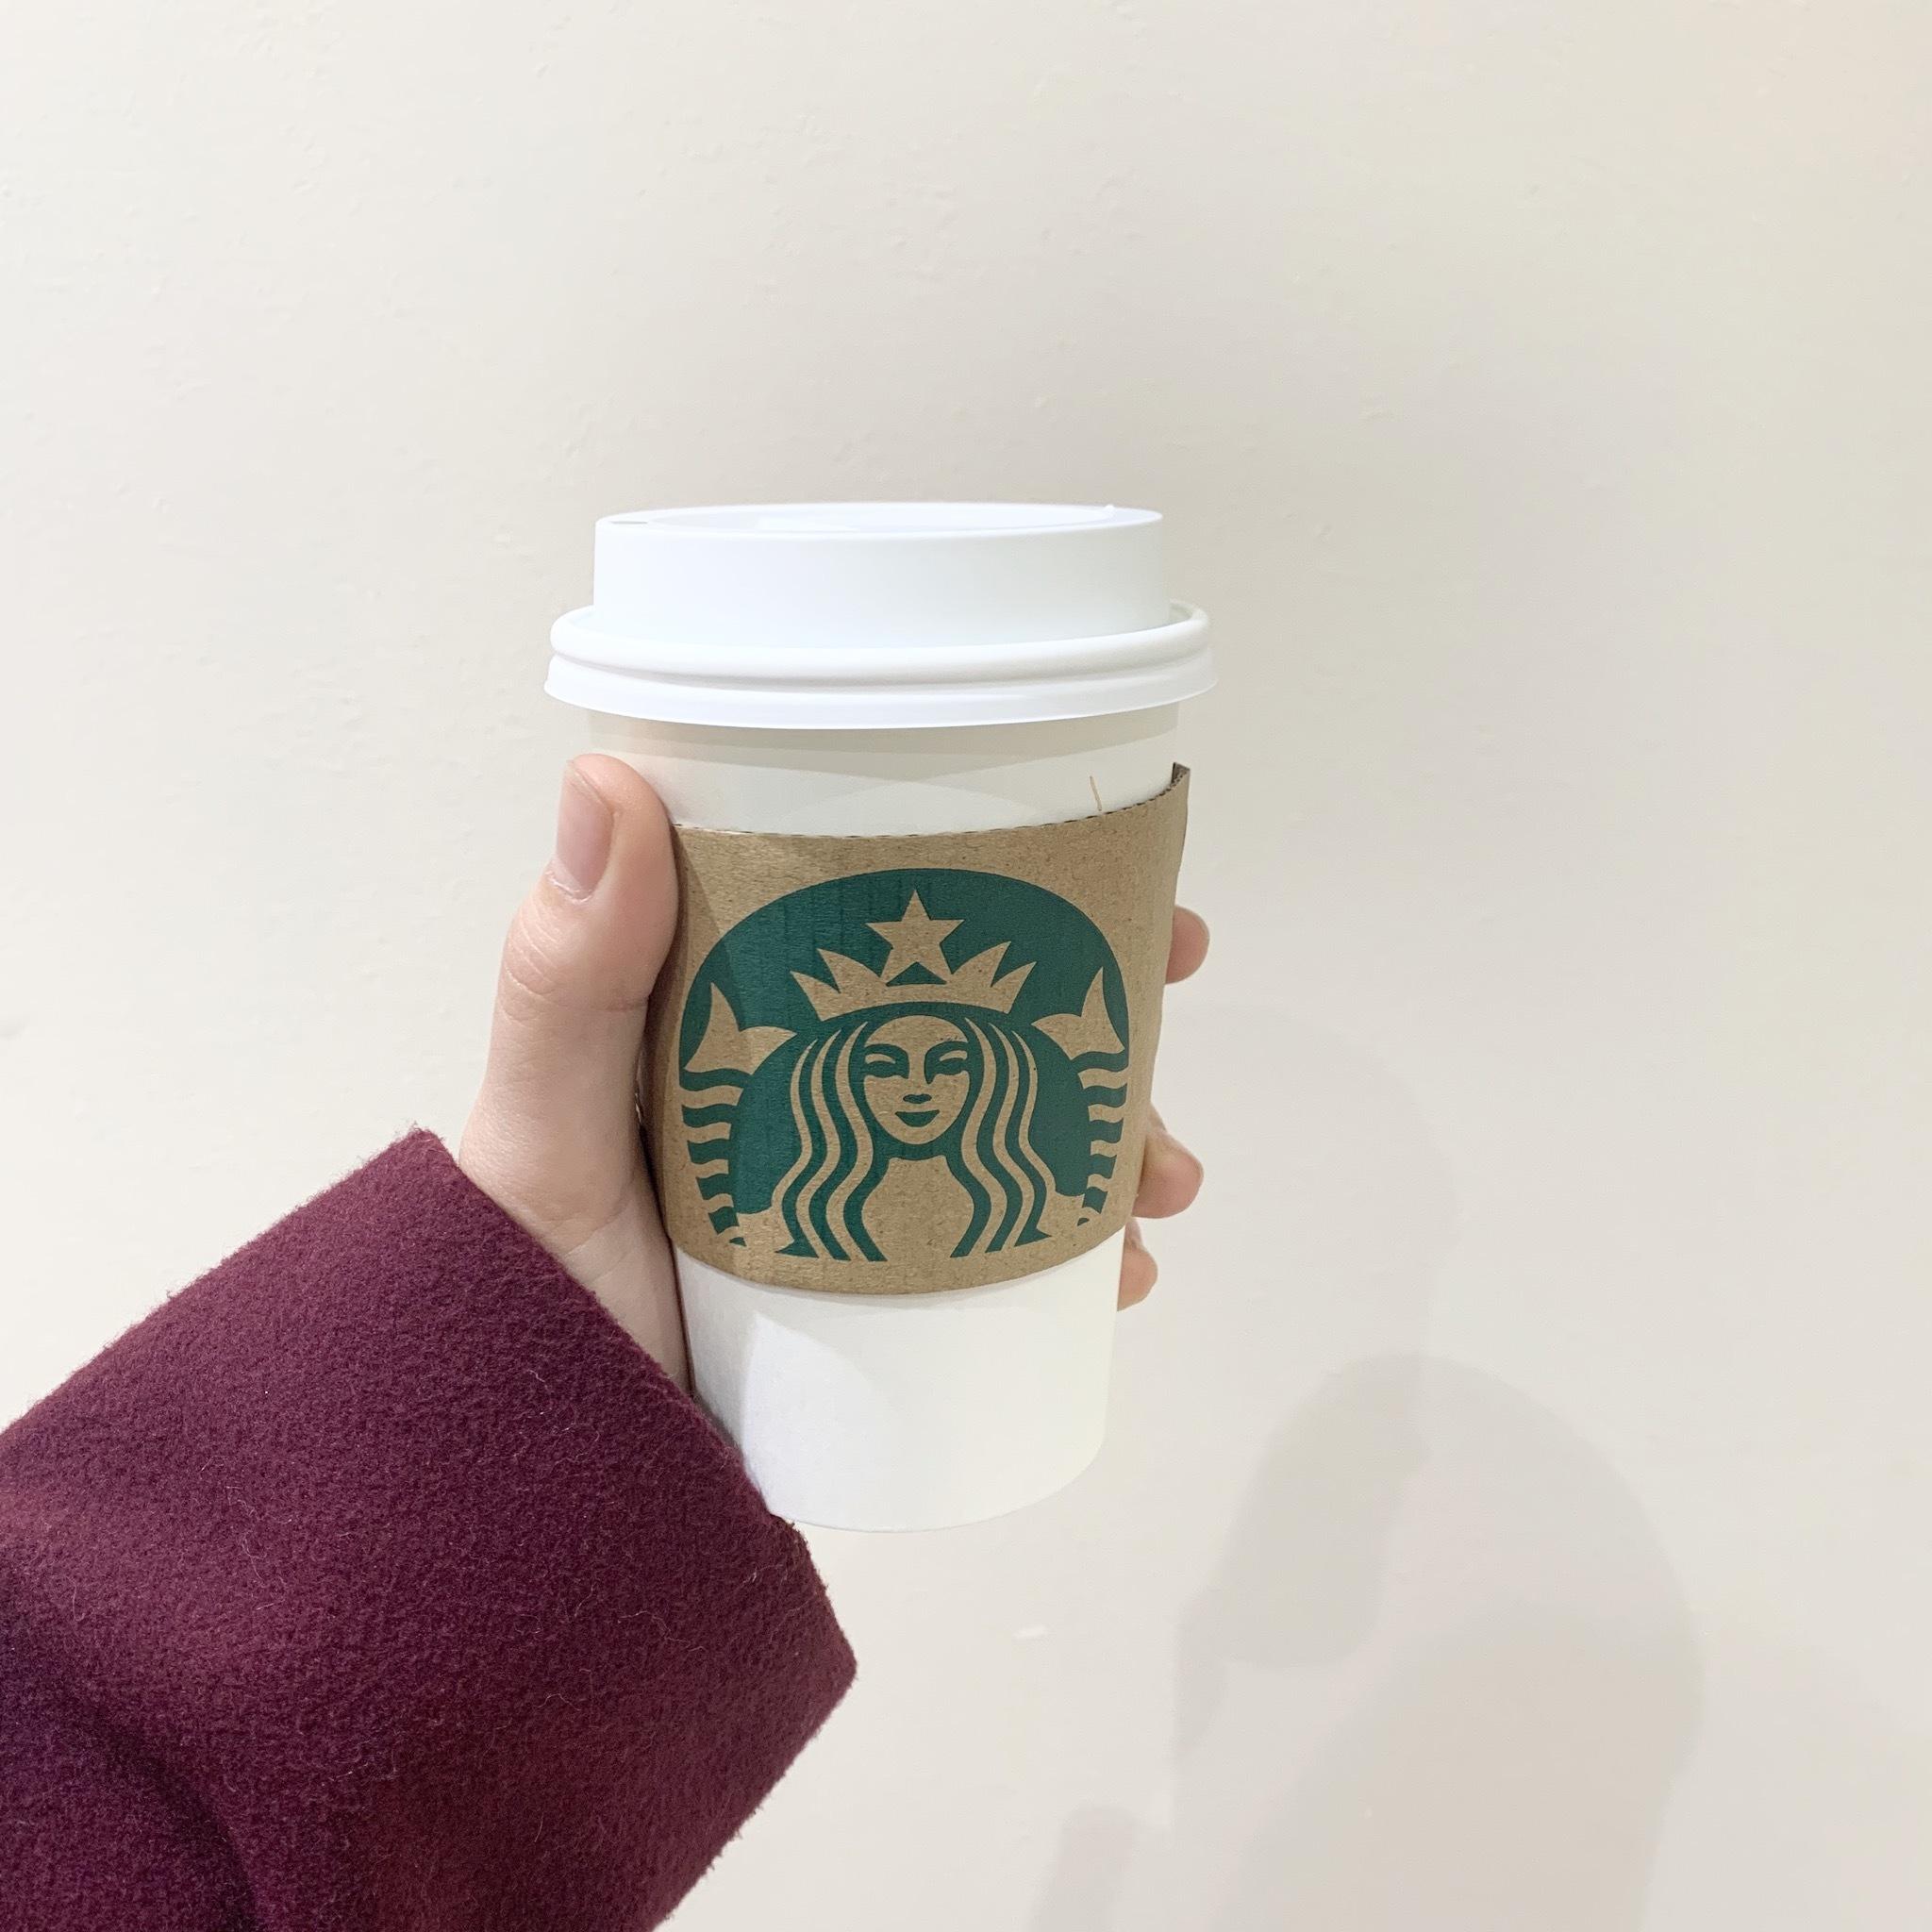 【スタバ】抹茶とホワイトチョコレートって最高すぎ??_1_2